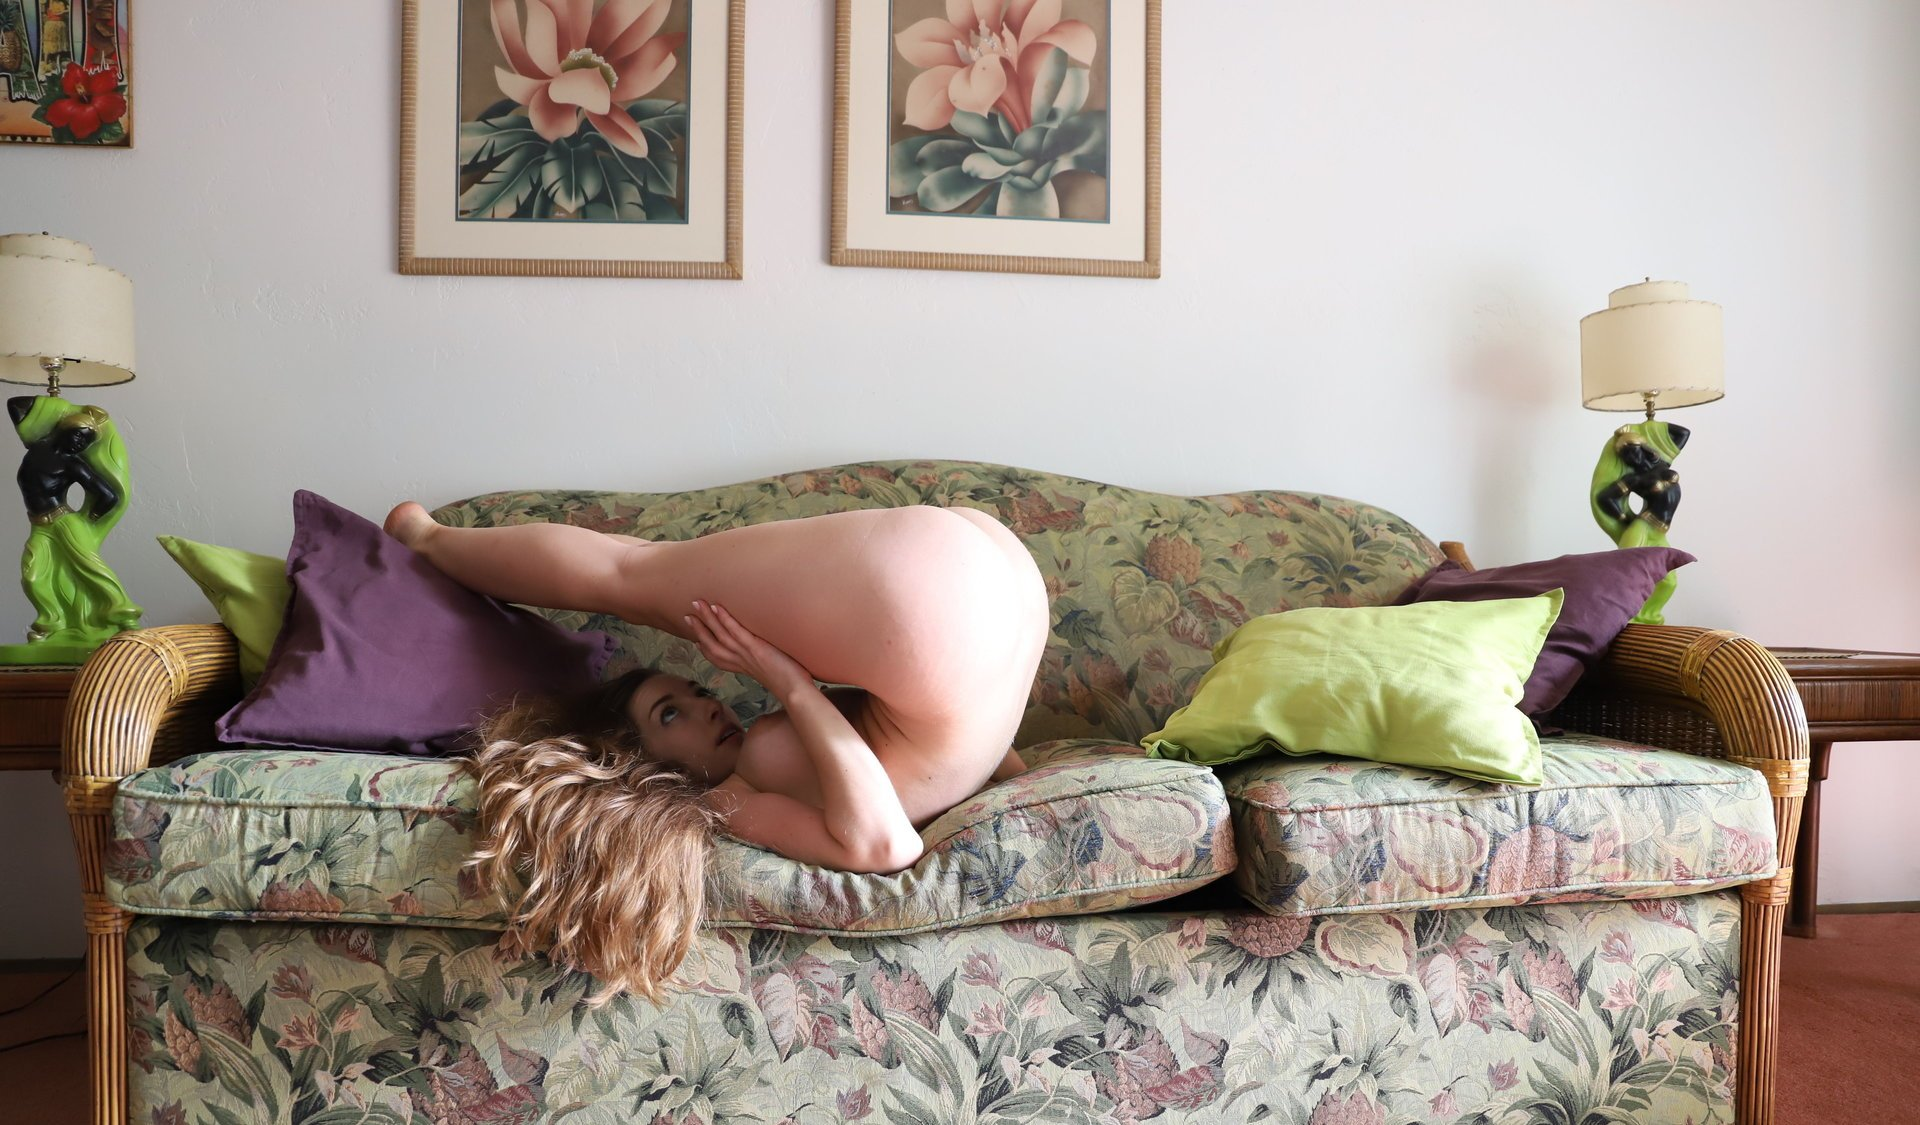 Abby Opel Onlyfans Nude Leaks 0032